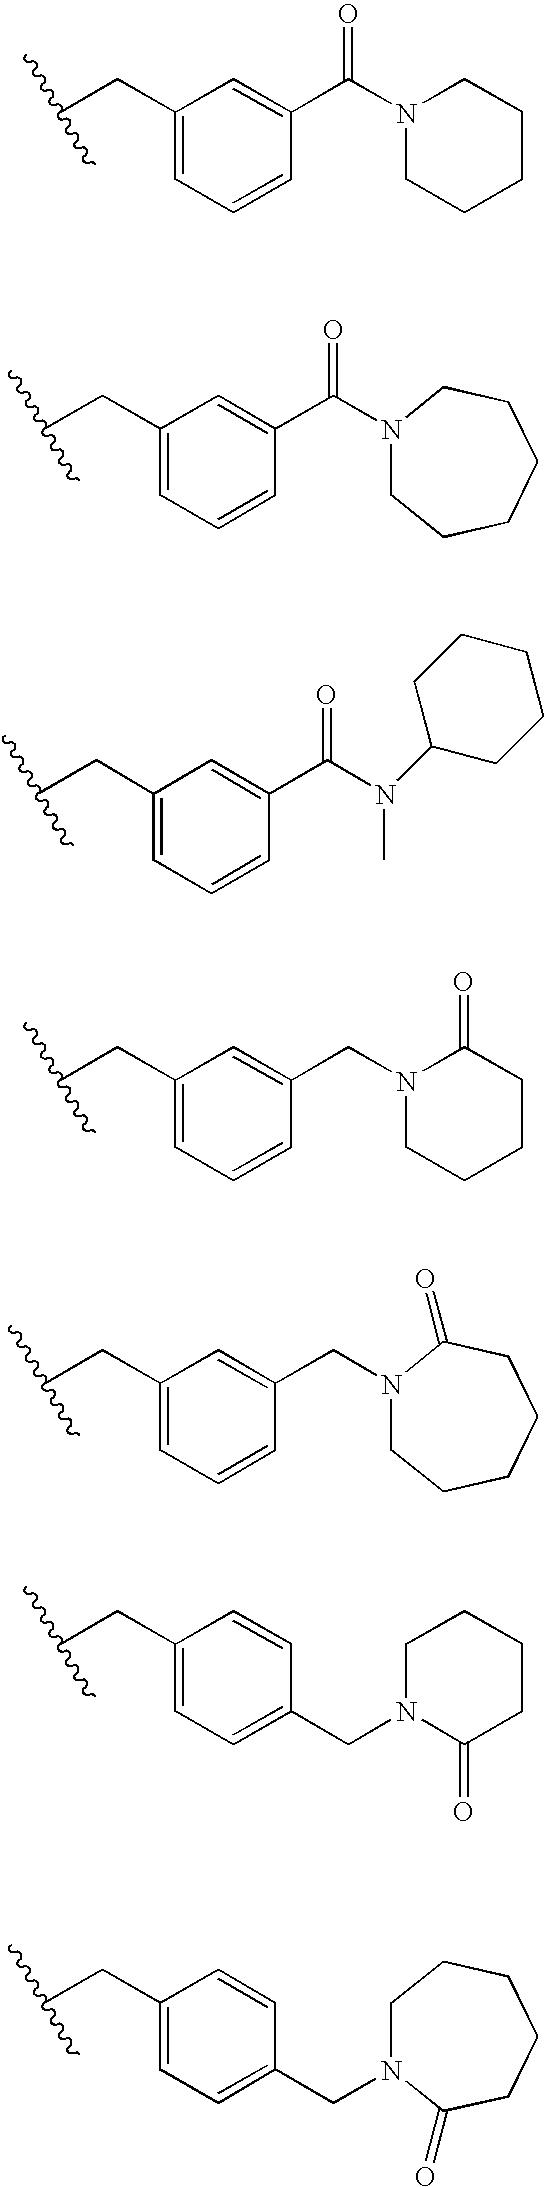 Figure US20100009983A1-20100114-C00198